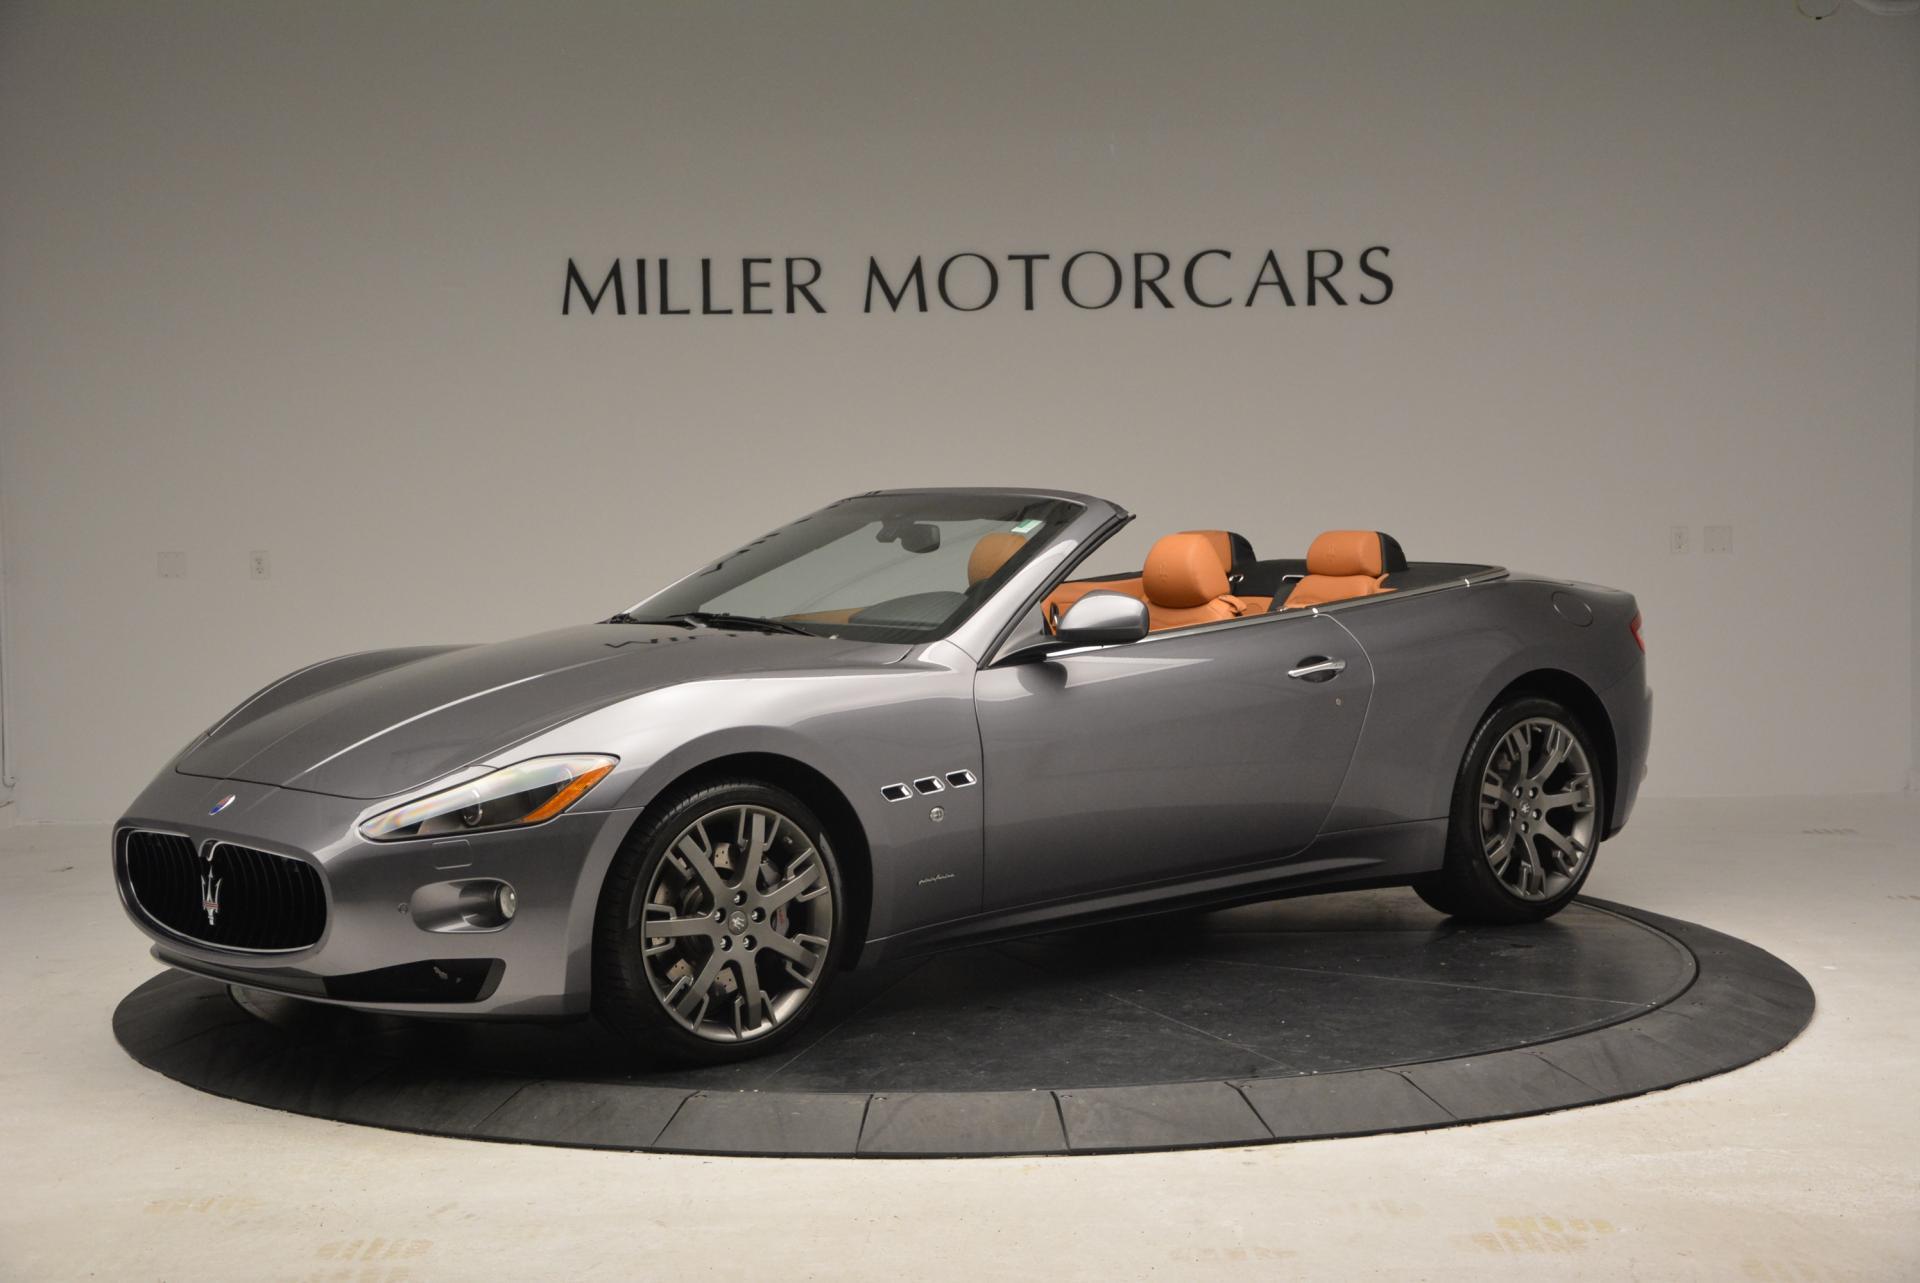 Used 2012 Maserati GranTurismo  For Sale In Westport, CT 161_p2